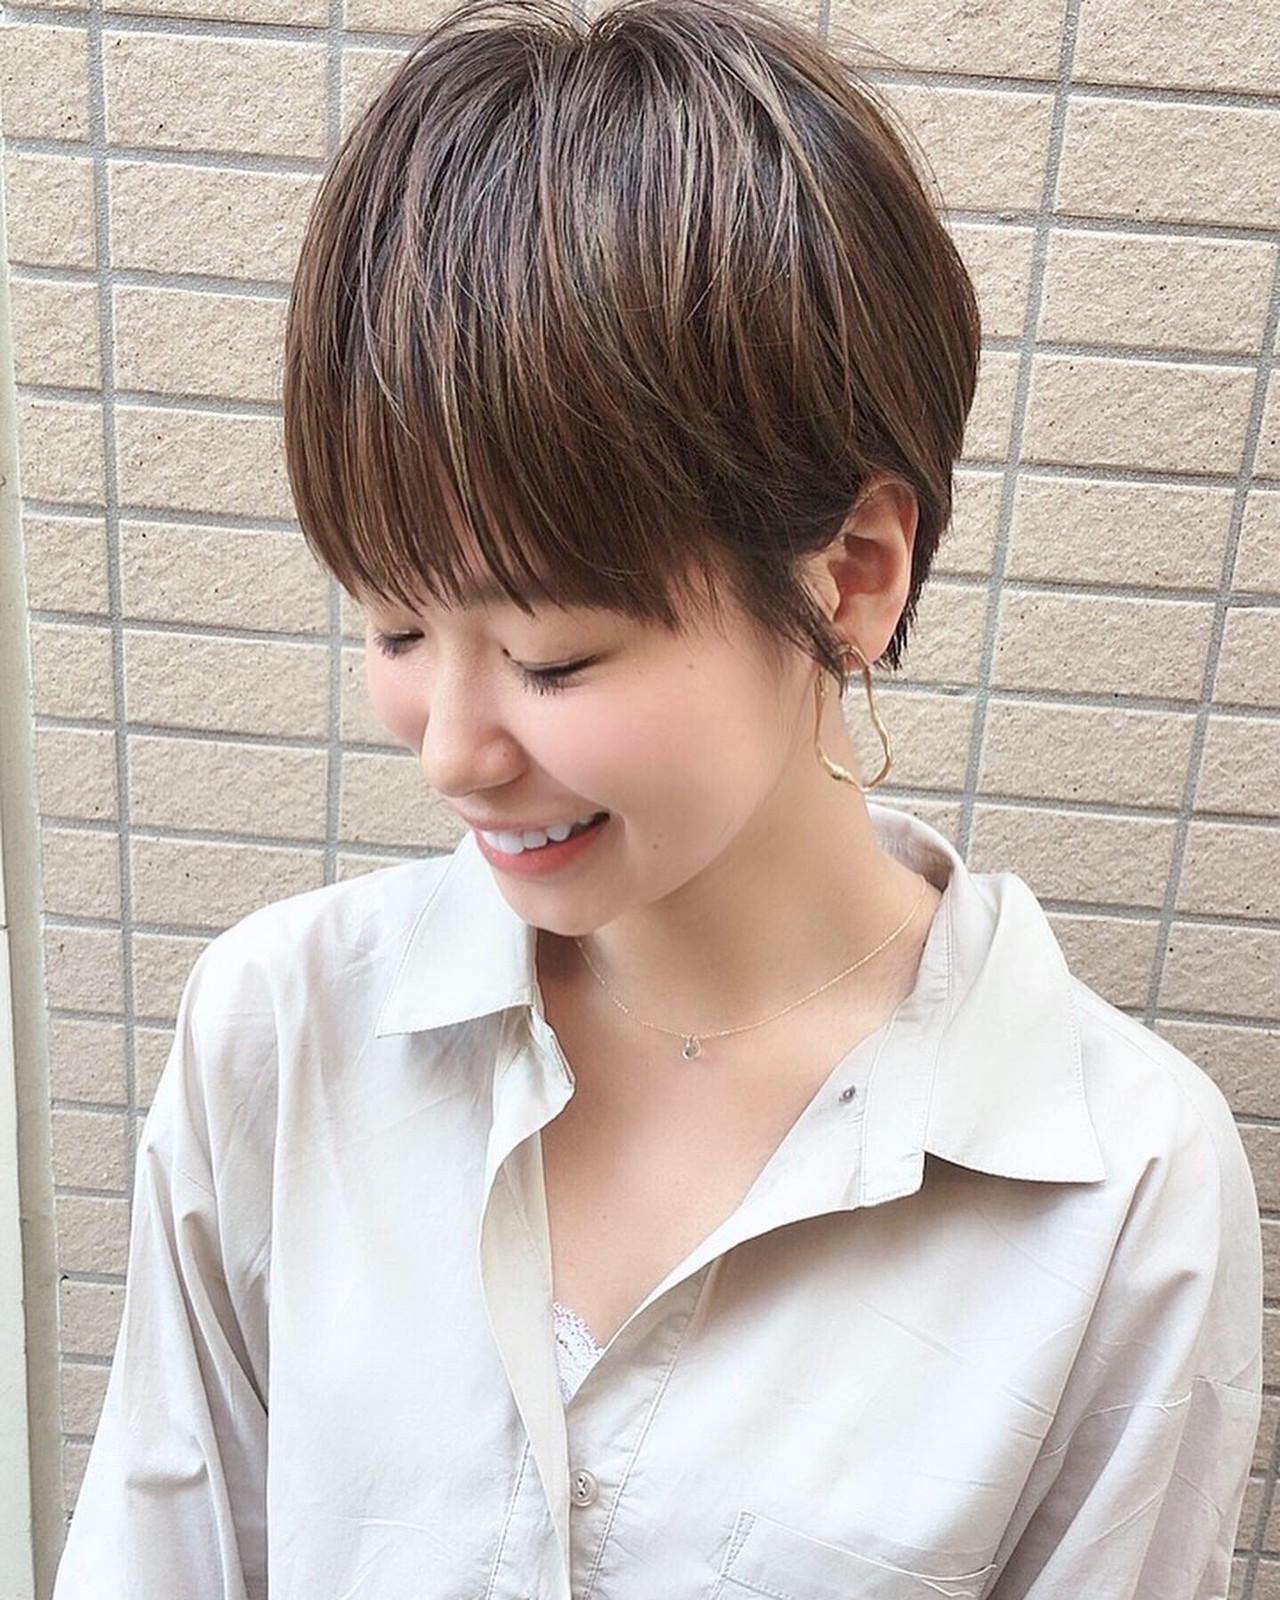 丸みフォルムの大人可愛いベリーショート 島田 雅斗